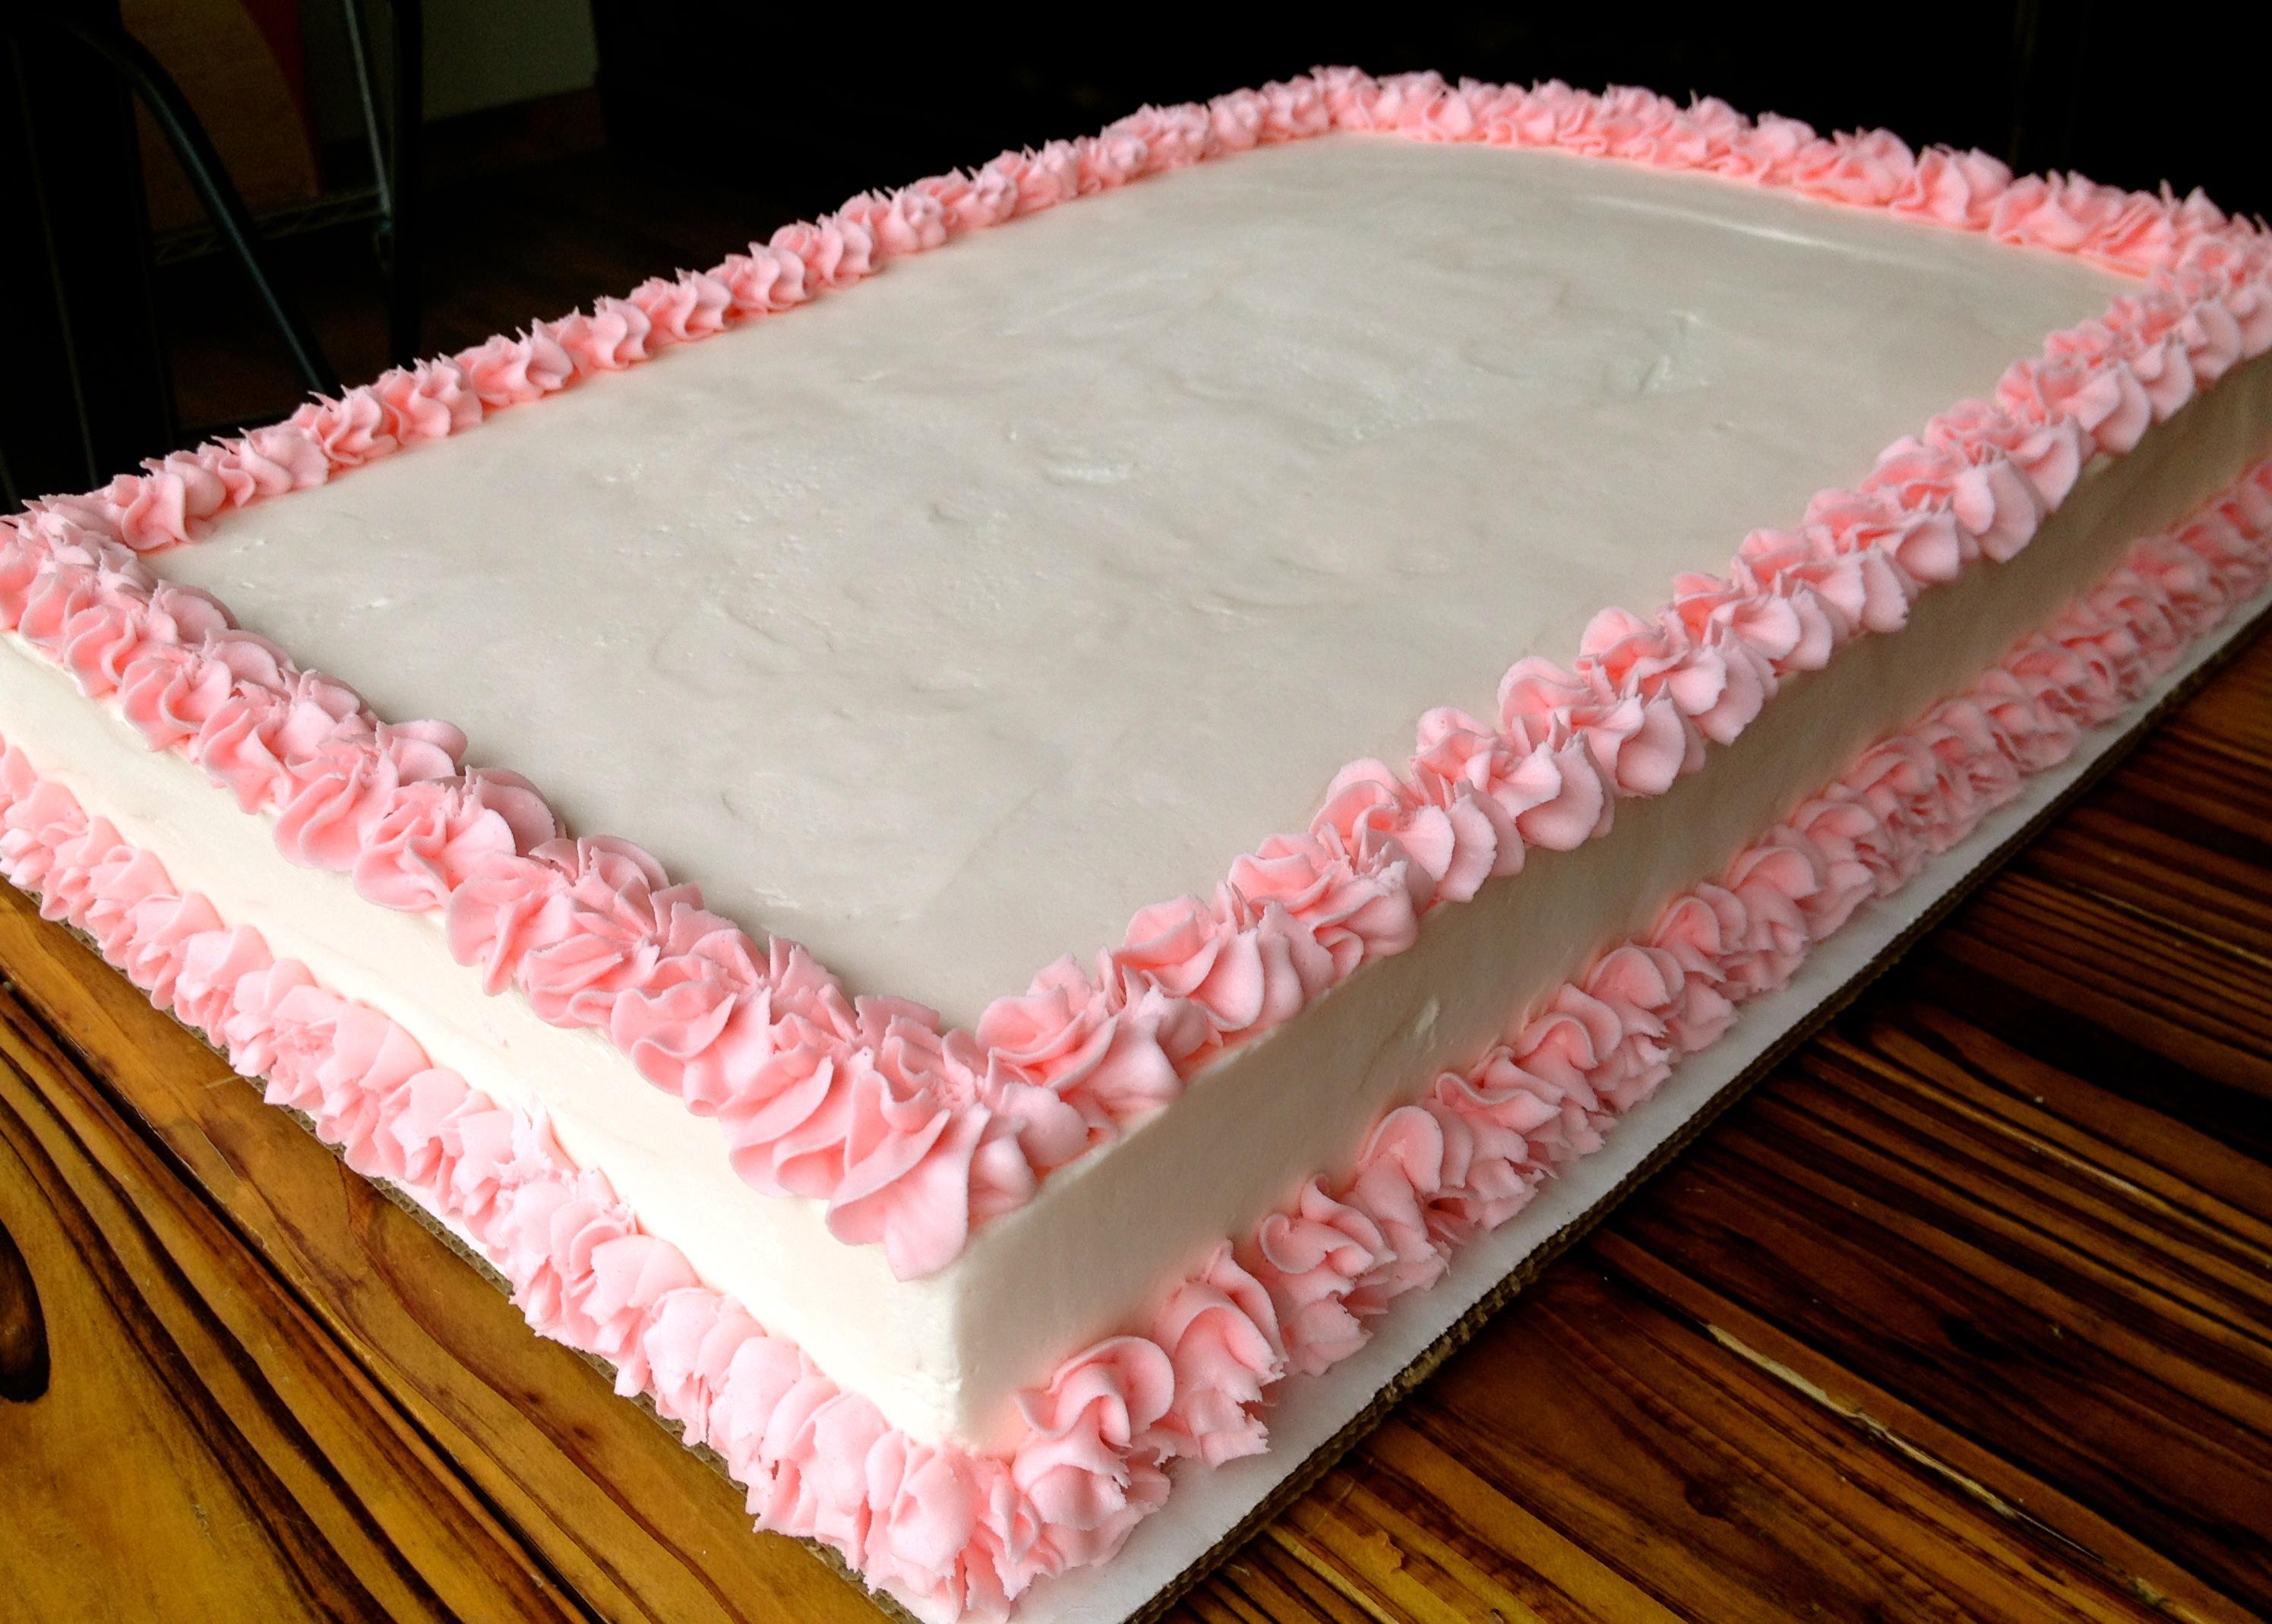 Sheet Cake Decorating Ideas